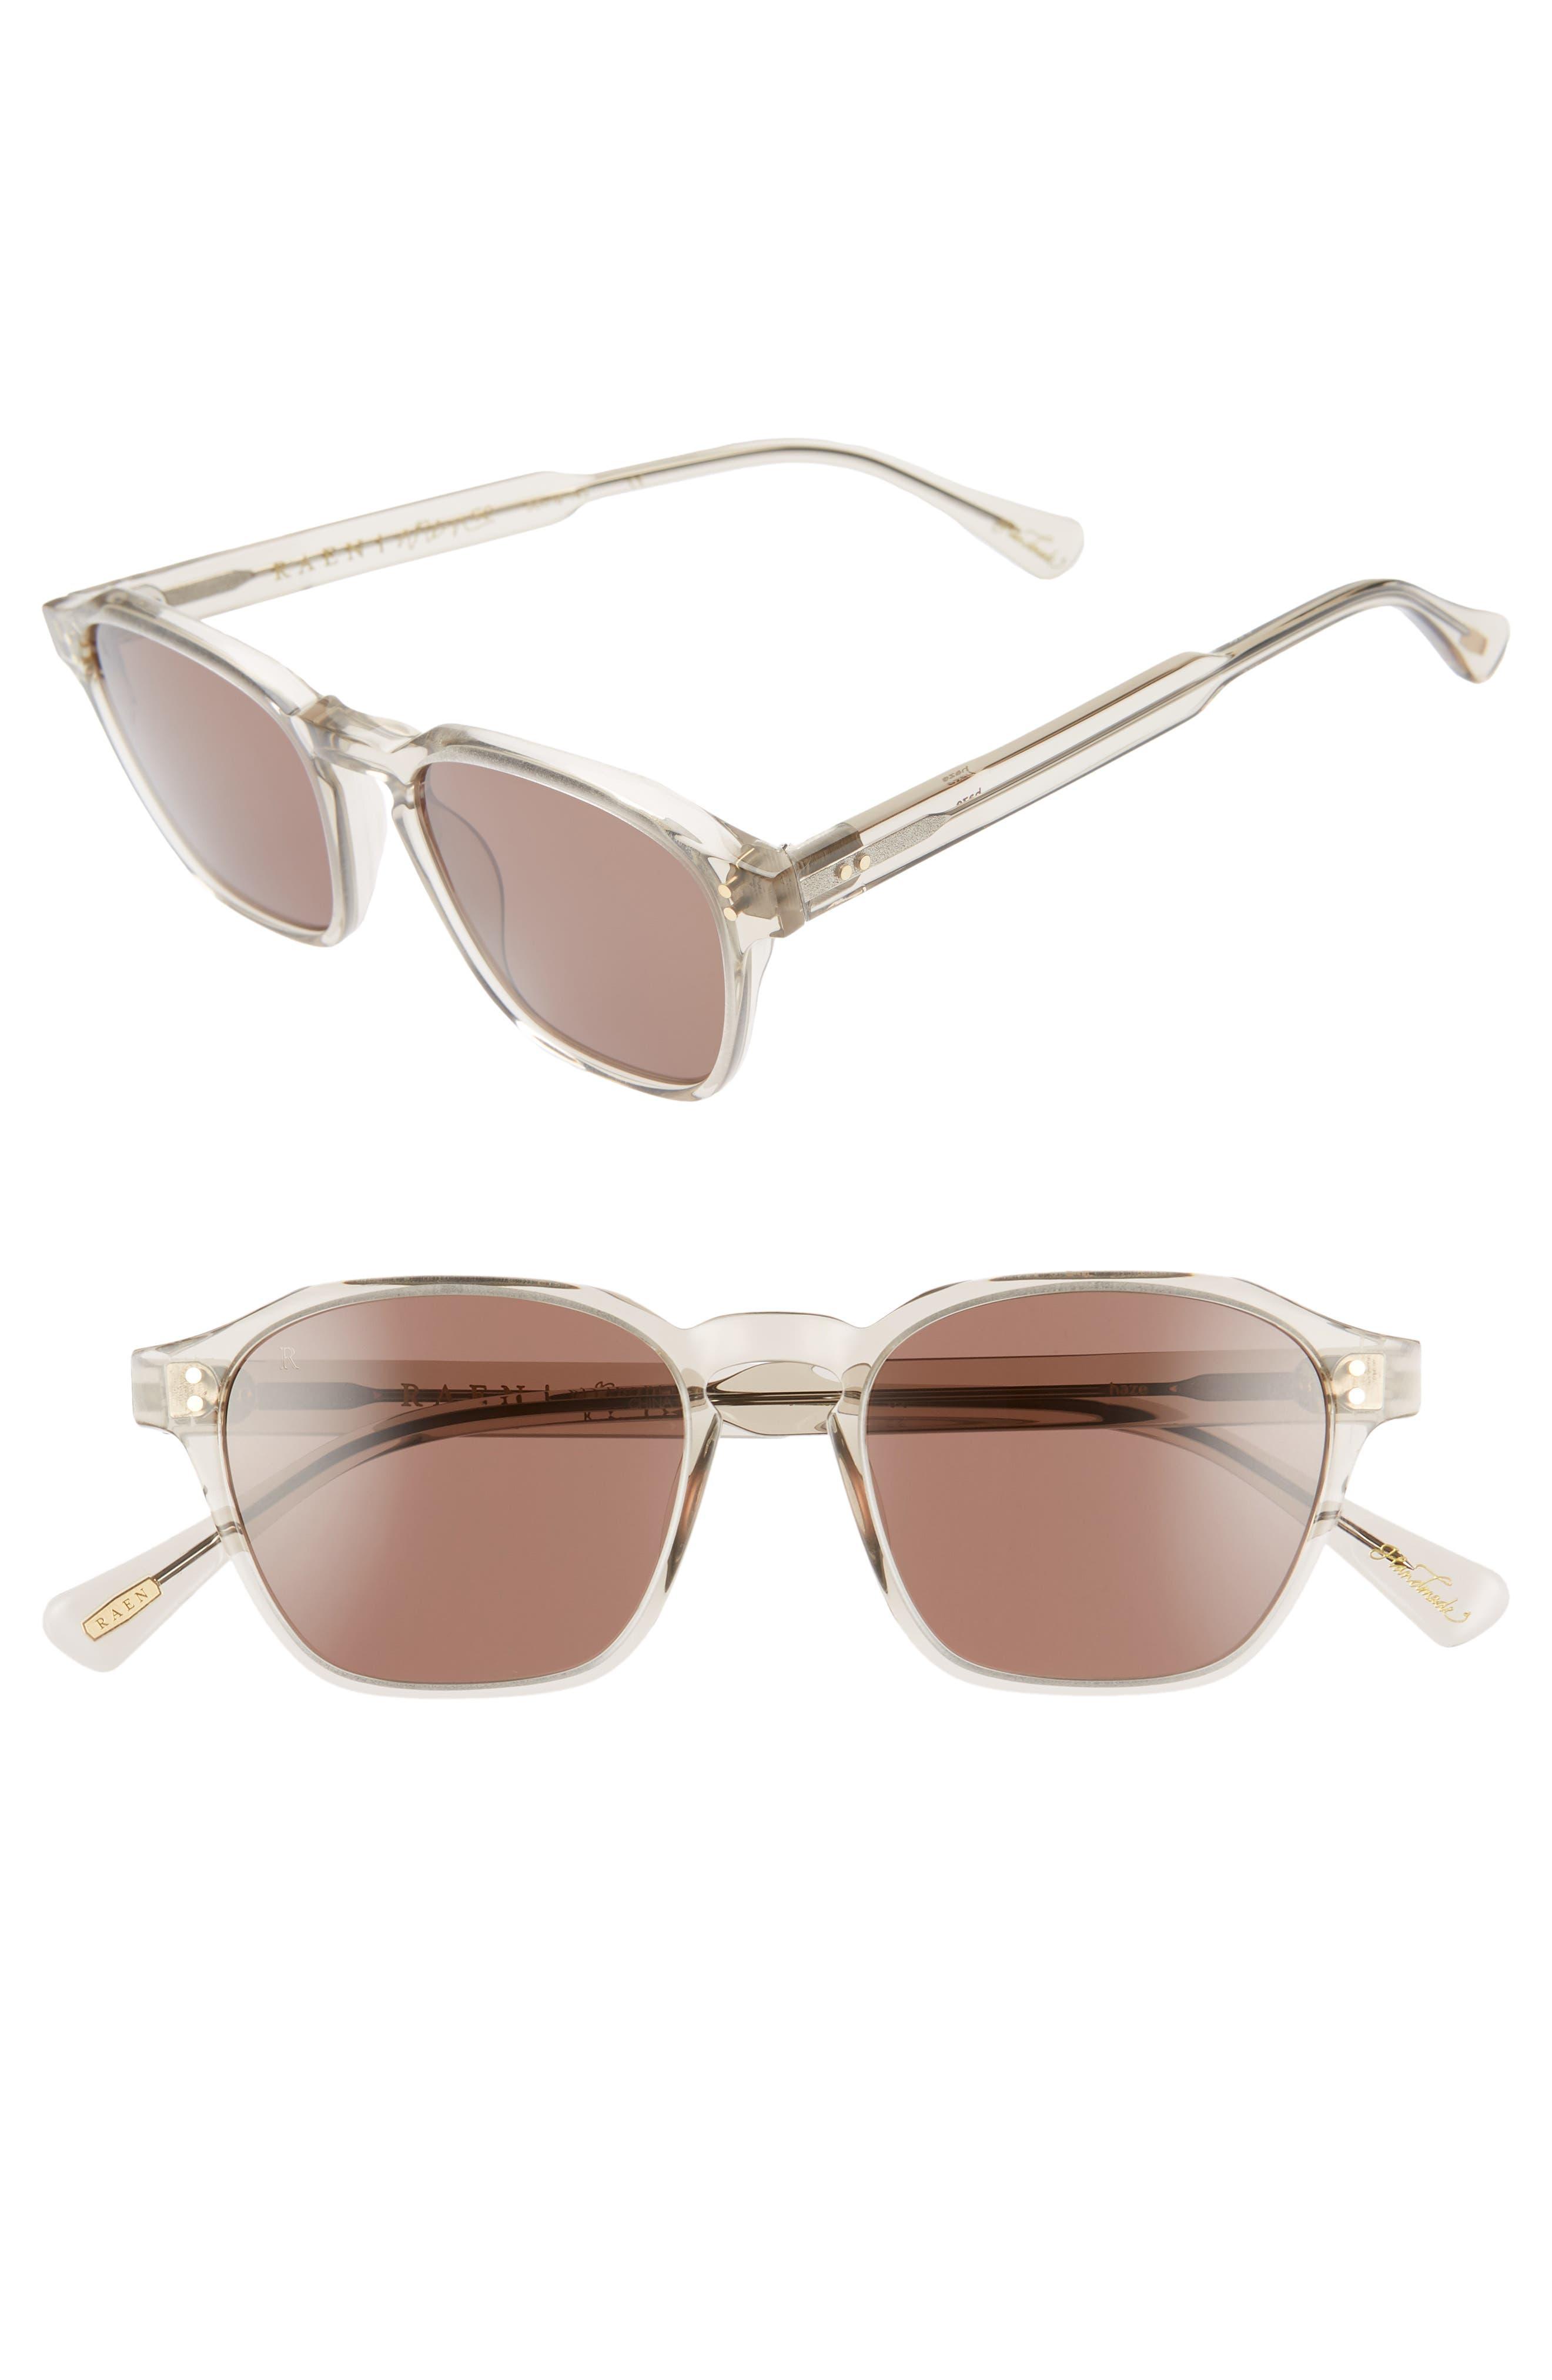 fd5d240d758 RAEN Sunglasses